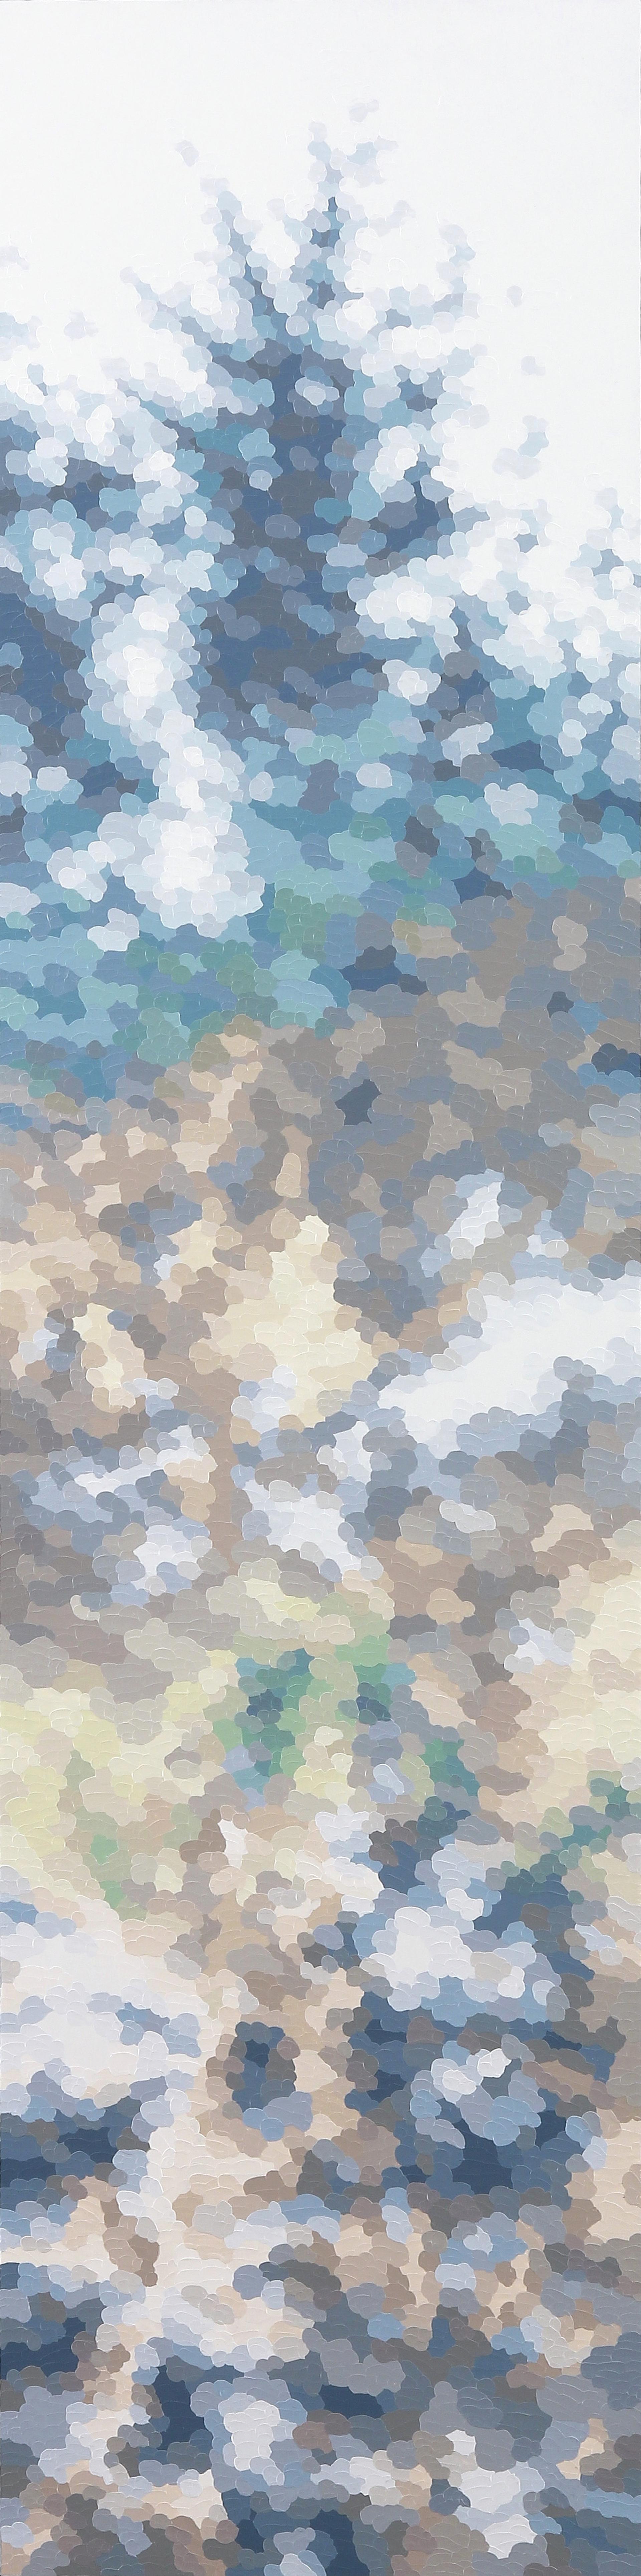 Lavish I by Elaine Coombs